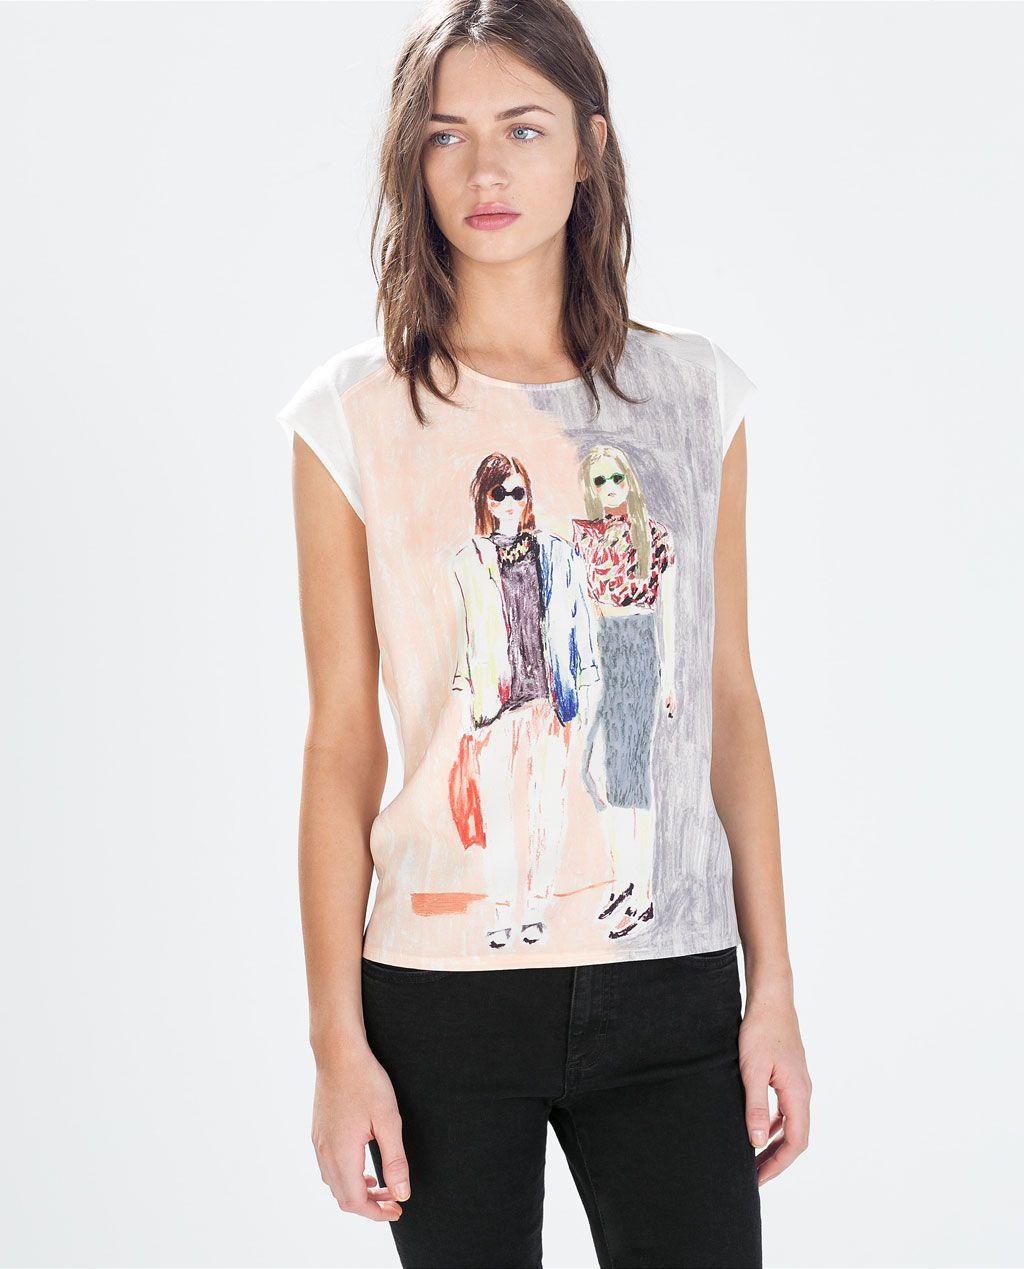 Nueva York venta usa online 2020 ZARA - MUJER - CAMISETA ESTAMPADO CHICAS | Camisetas en 2019 ...